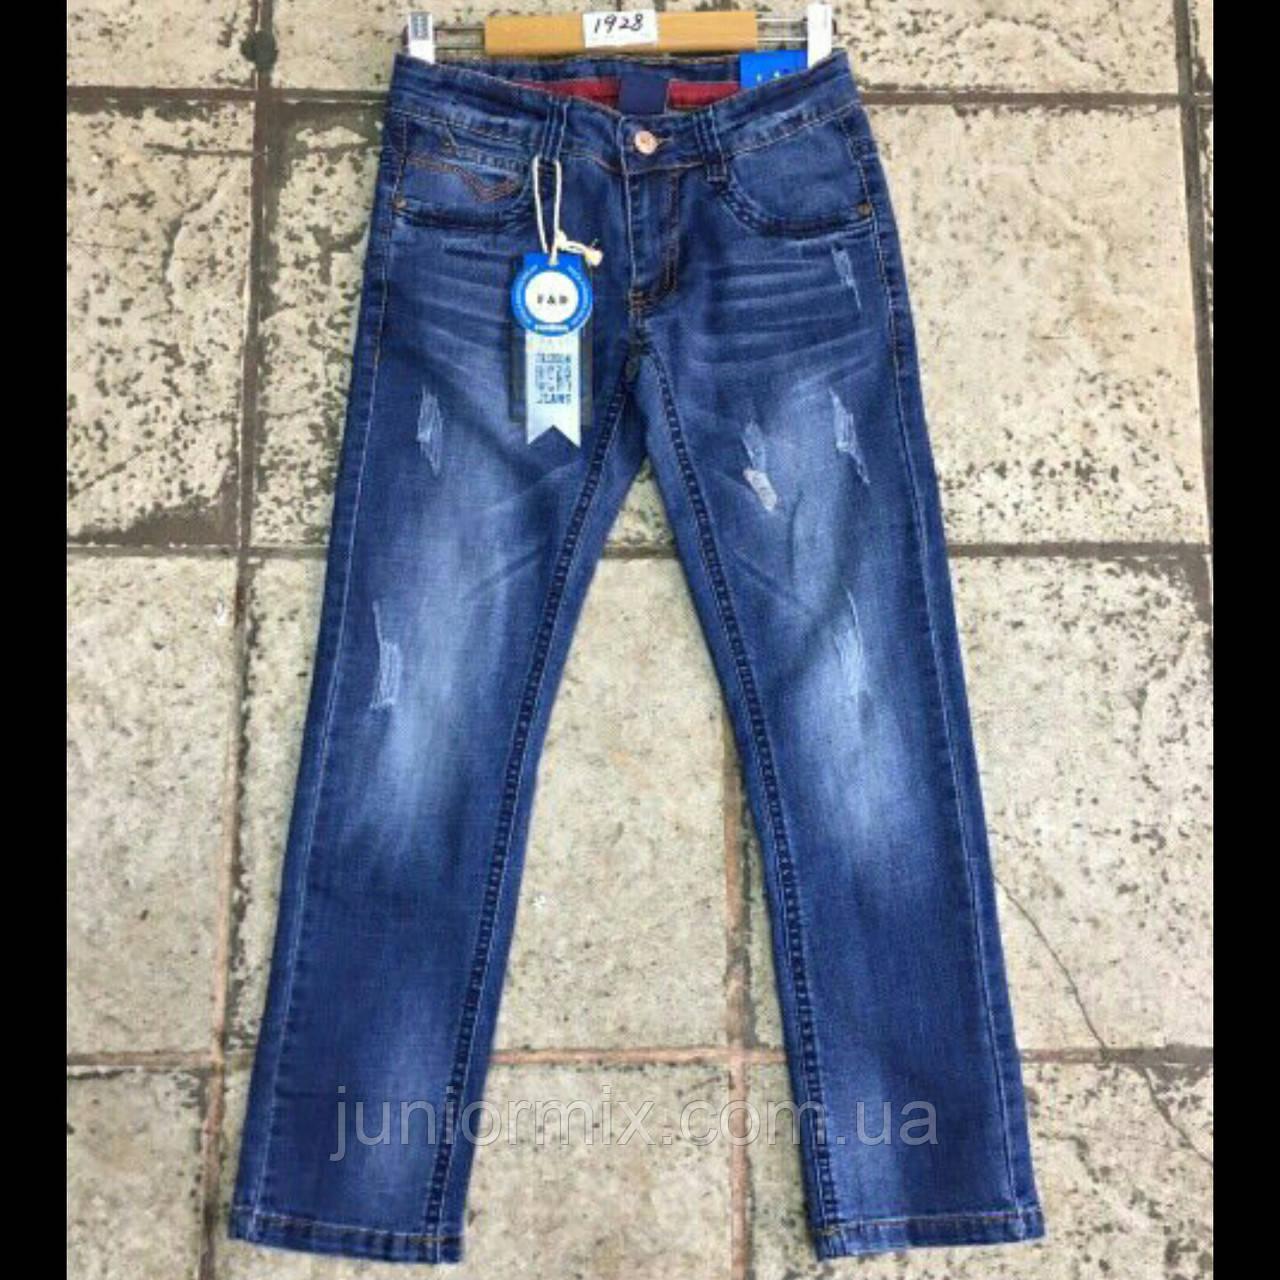 Подростковые модные джинсы на мальчика F&D